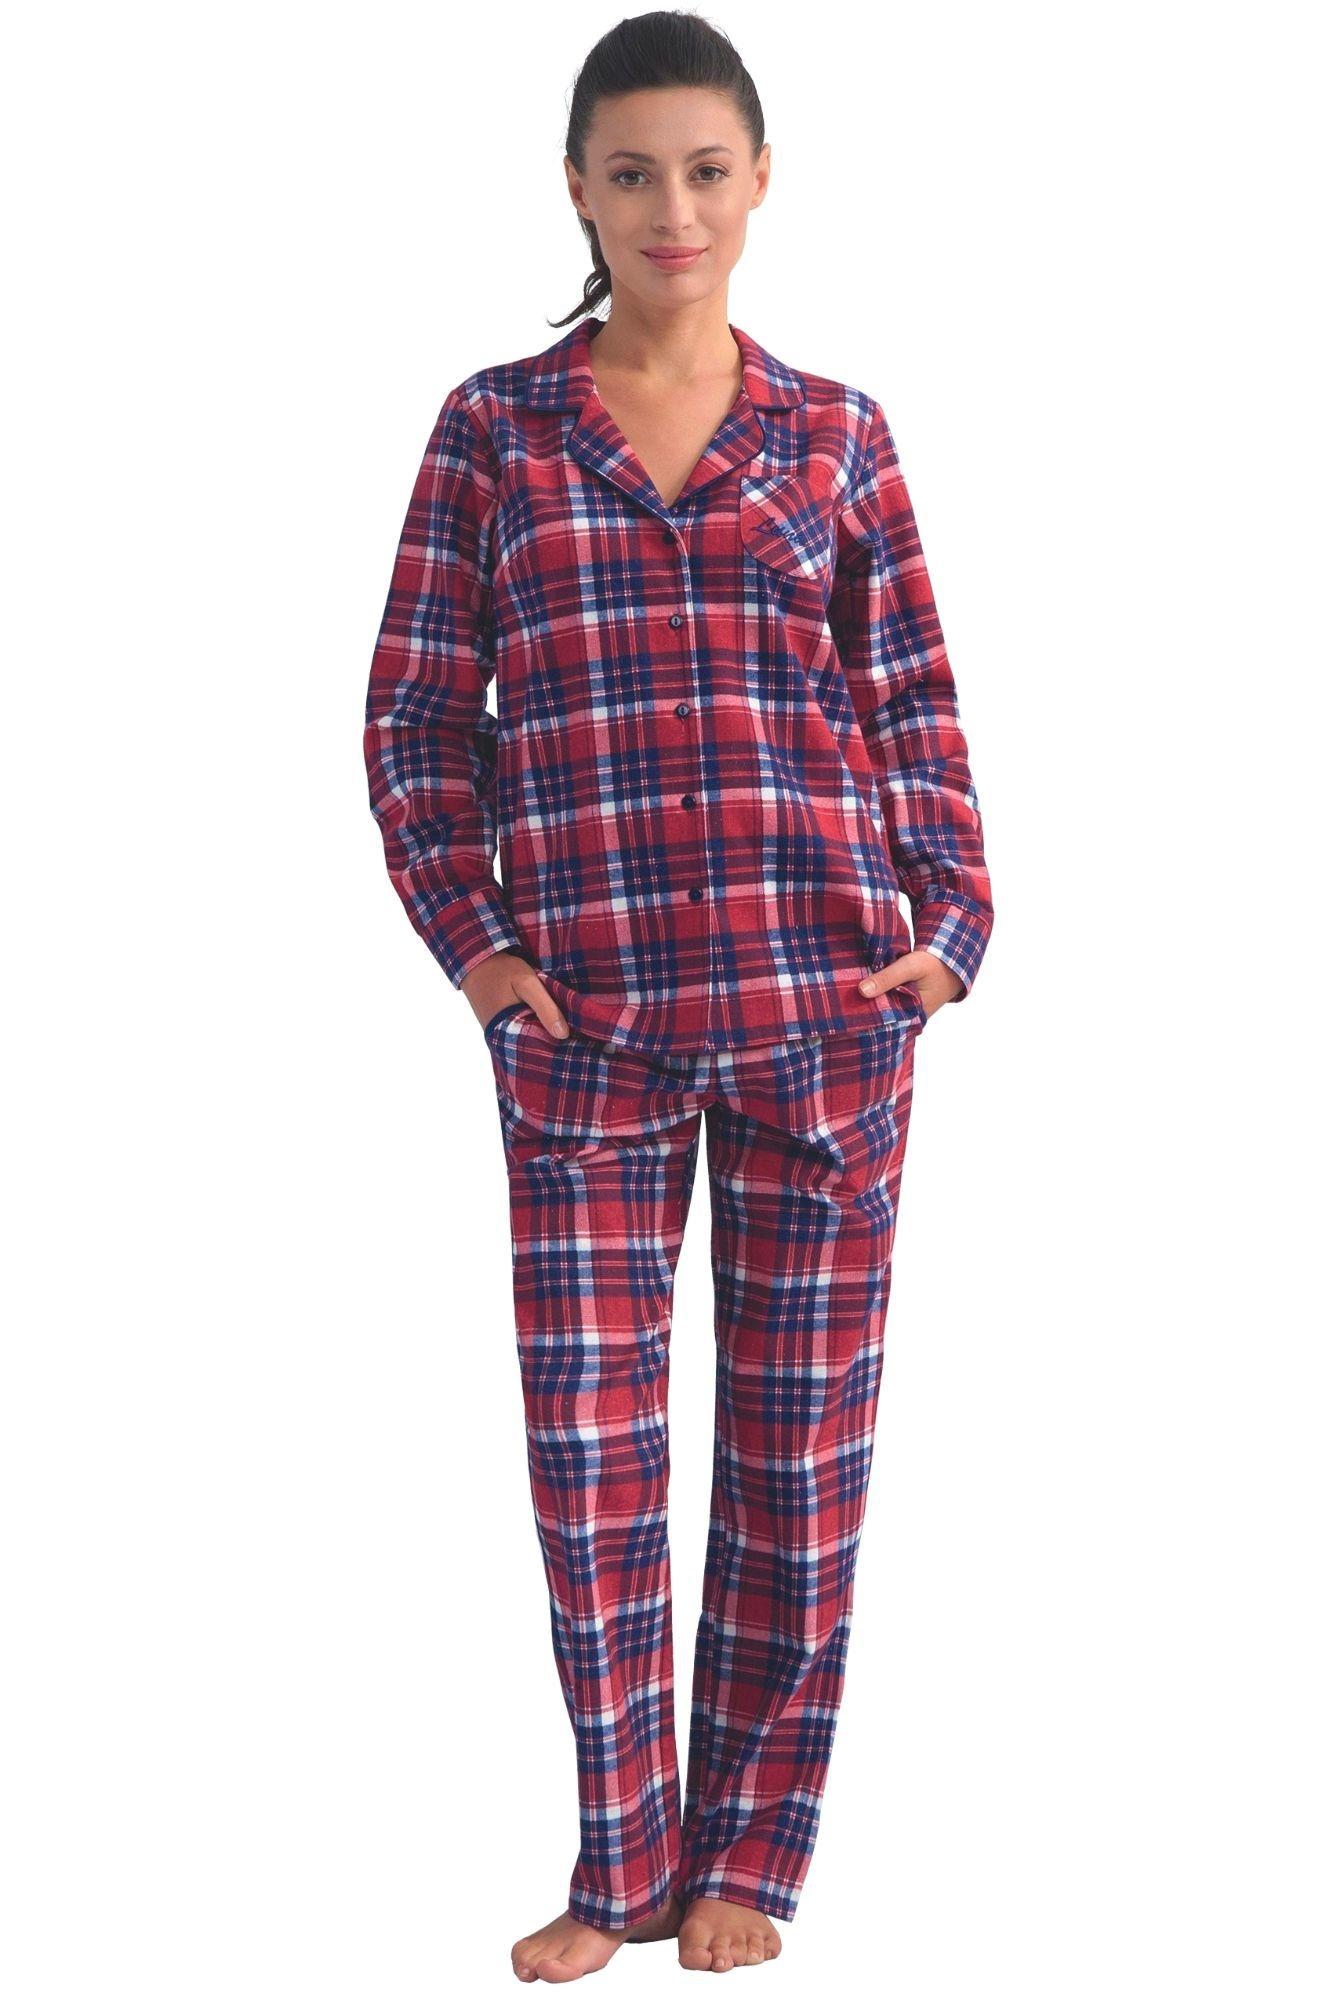 6632625193f5 Dámské flanelové pyžamo s dlouhými rukávy Dora vínové káro s límečkem a  kapsami